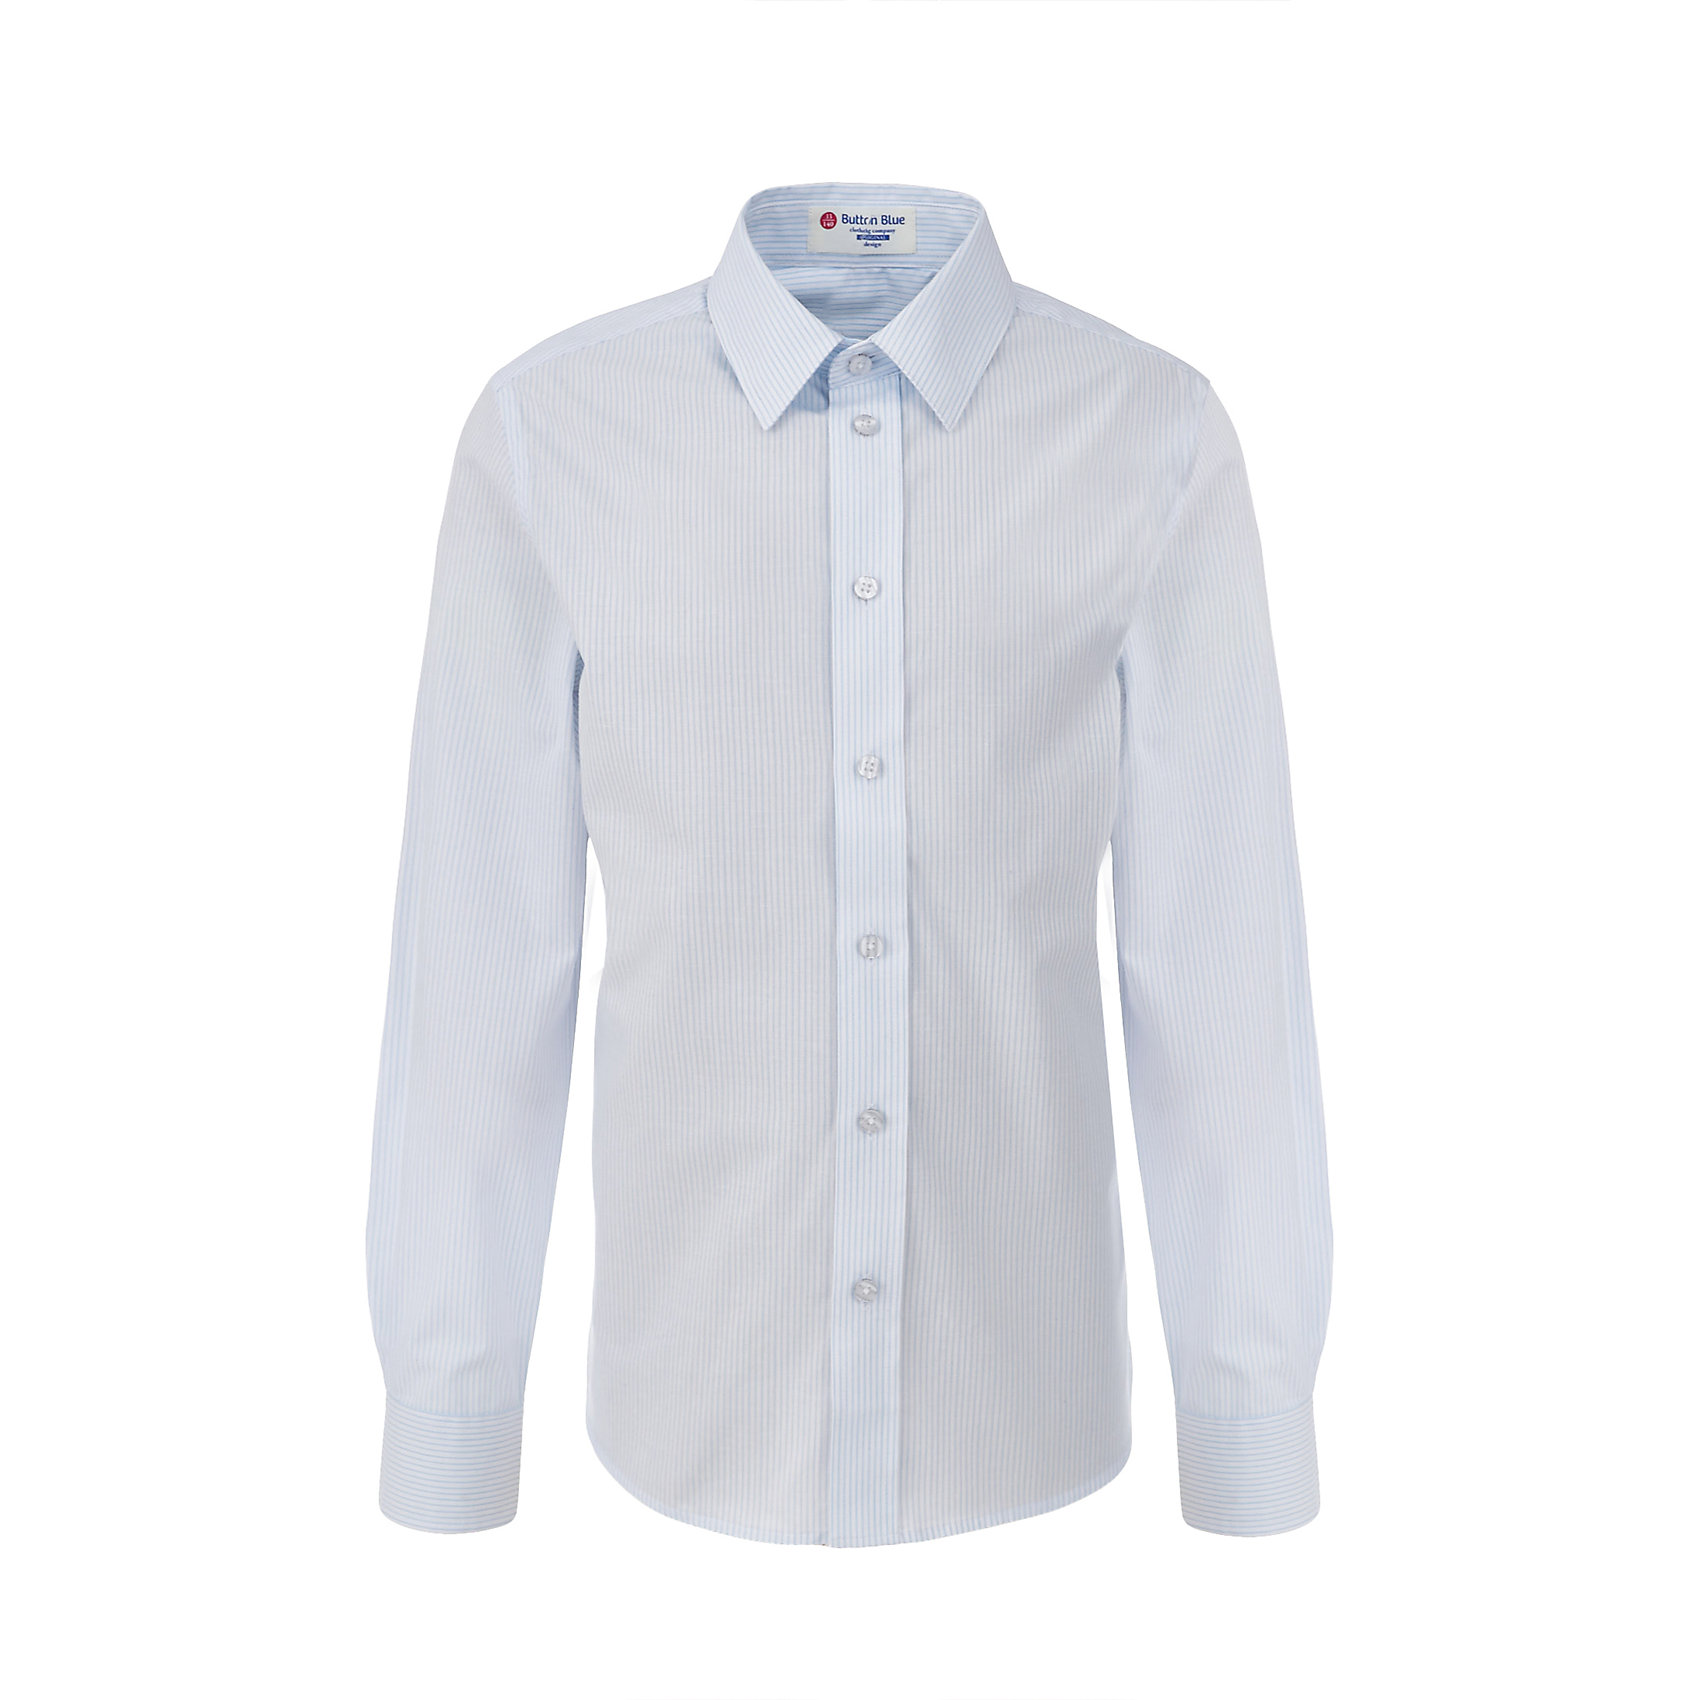 Рубашка для мальчика BUTTON BLUEБлузки и рубашки<br>Рубашка для мальчика BUTTON BLUE<br>Рубашка для мальчика - основа повседневного школьного образа! Школьные рубашки от Button Blue - это качество и комфорт, отличный внешний вид, удобство в уходе, высокая износостойкость. Какая детская рубашка для школы займет место в гардеробе вашего ребенка - зависит только от вас! Готовясь к школьному сезону, вам стоит купить рубашки в трех-четырех цветах, чтобы разнообразить будни ученика.<br>Состав:<br>60% хлопок                40% полиэстер<br><br>Ширина мм: 174<br>Глубина мм: 10<br>Высота мм: 169<br>Вес г: 157<br>Цвет: белый<br>Возраст от месяцев: 72<br>Возраст до месяцев: 84<br>Пол: Мужской<br>Возраст: Детский<br>Размер: 122,164,158,152,146,140,134,128<br>SKU: 6739117